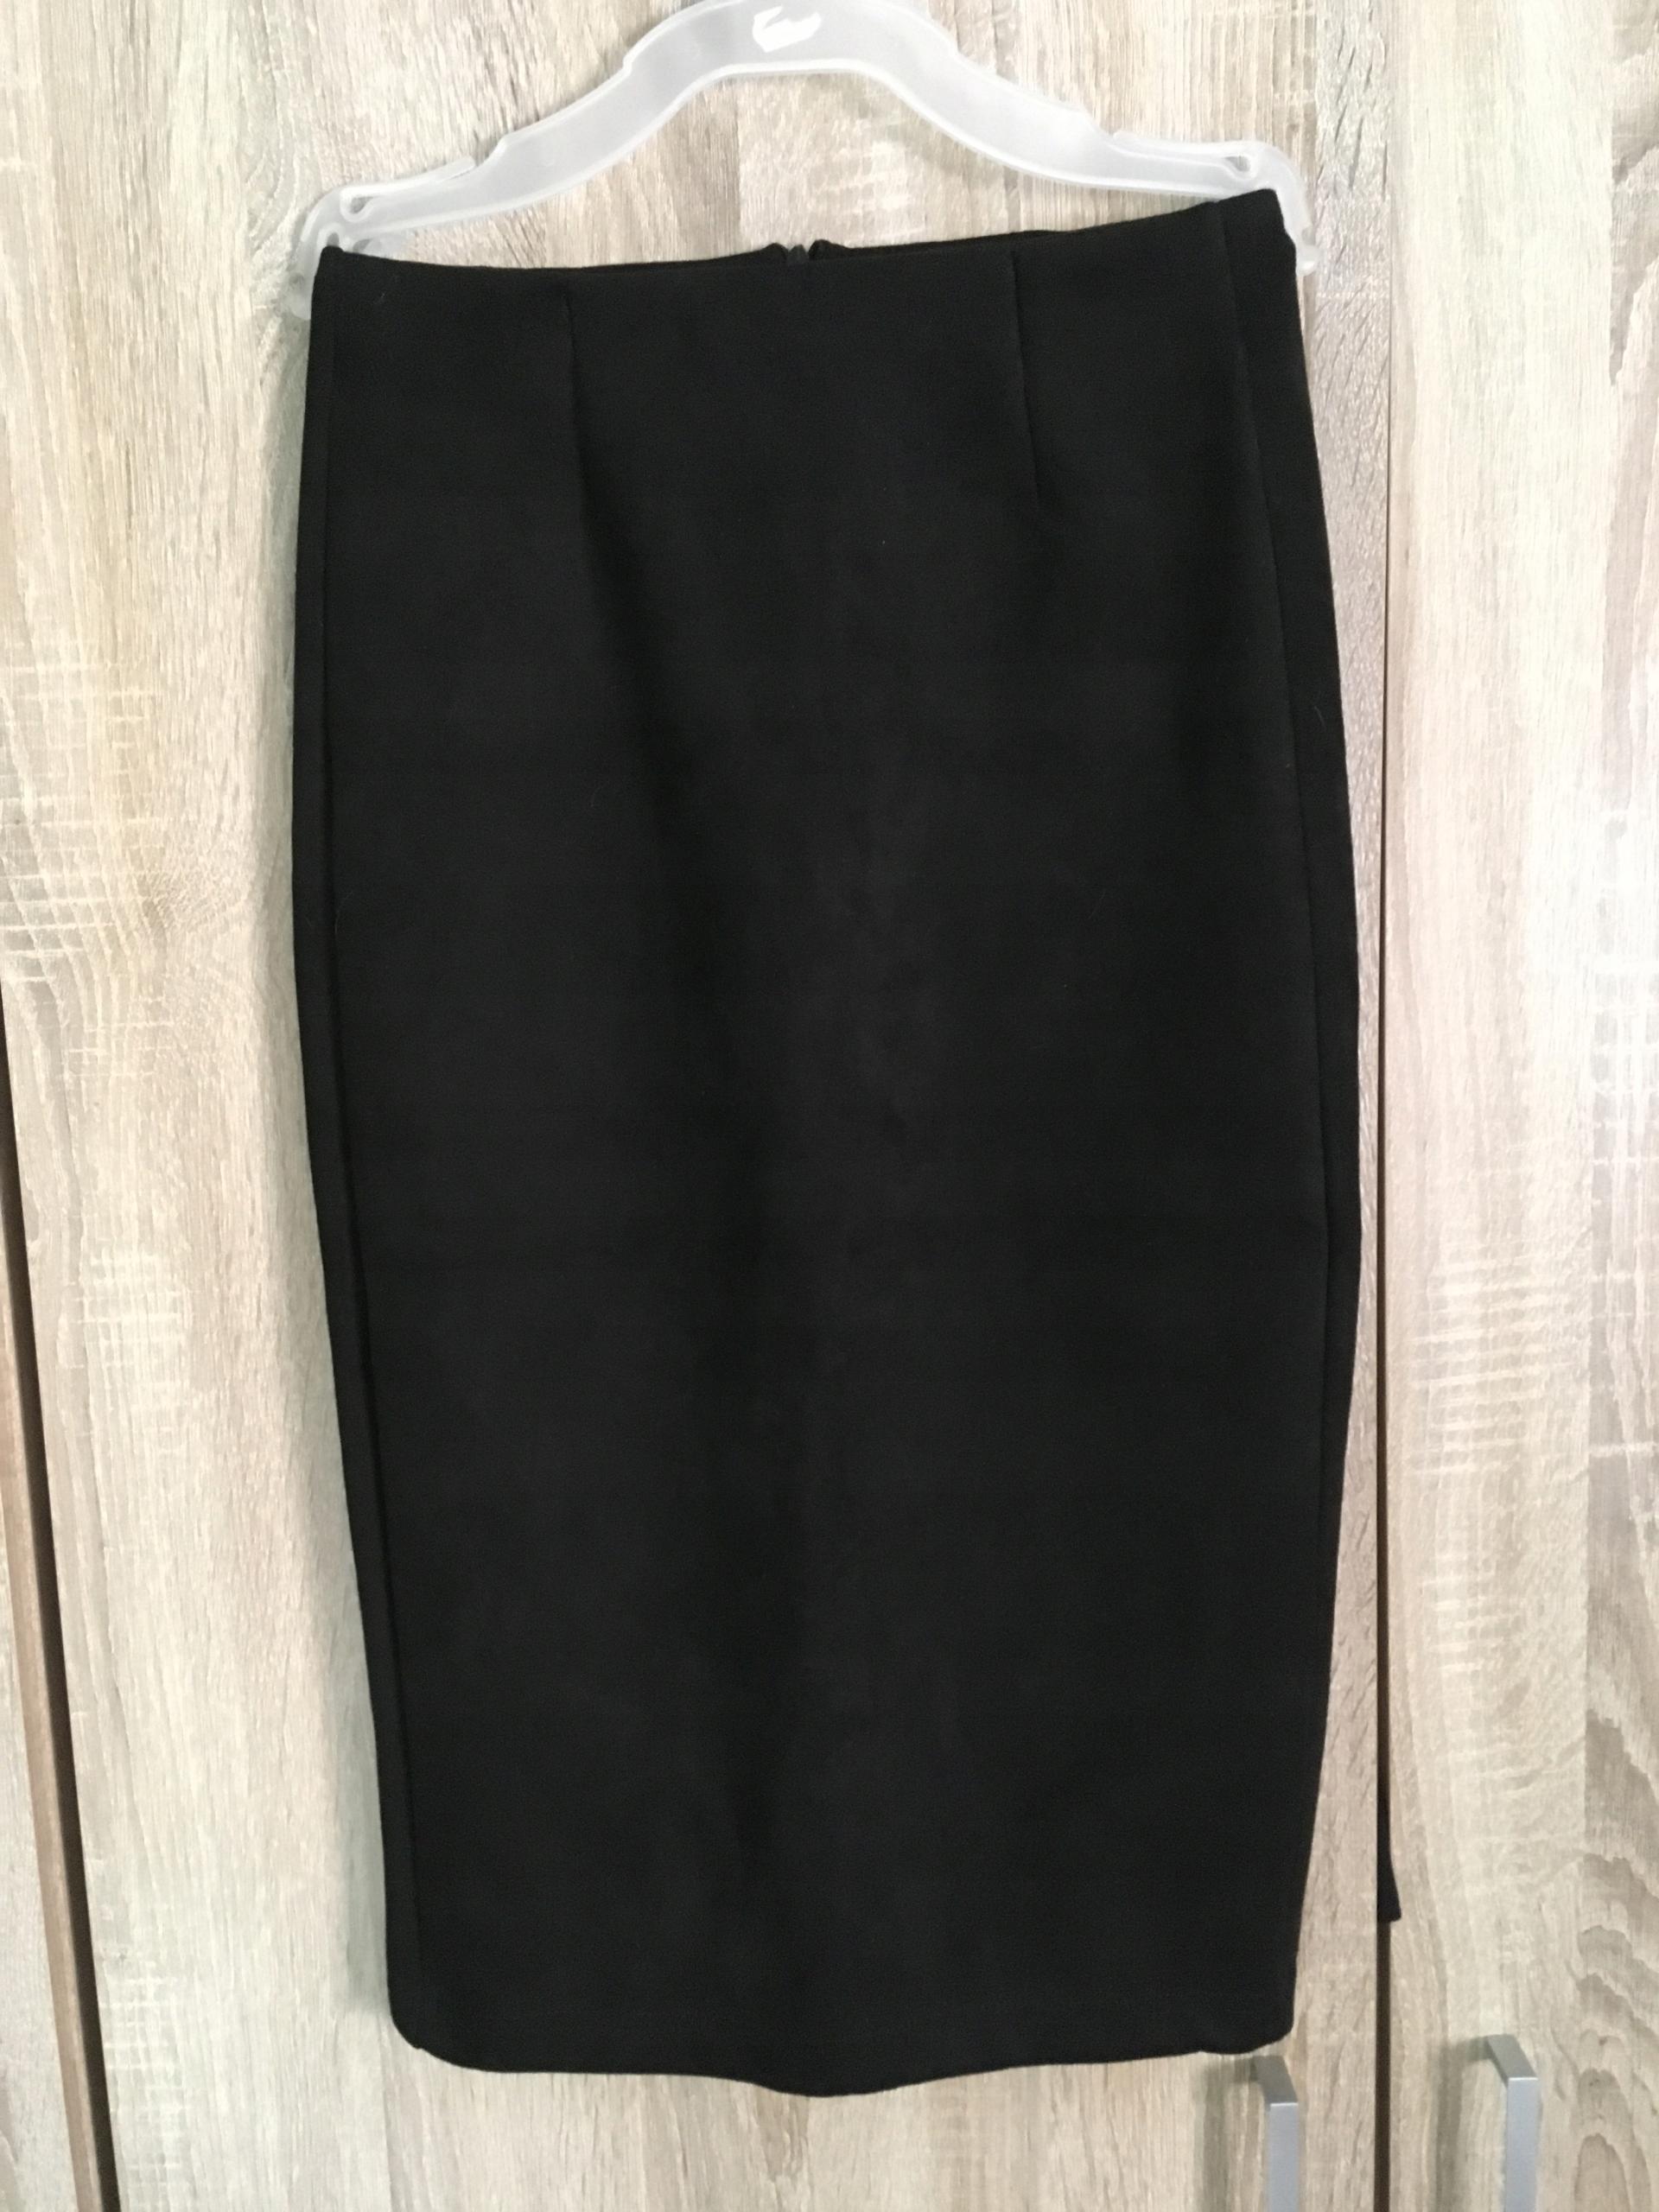 8028ee66 Zamszowa czarna spódnica 36 S - 7641242066 - oficjalne archiwum allegro